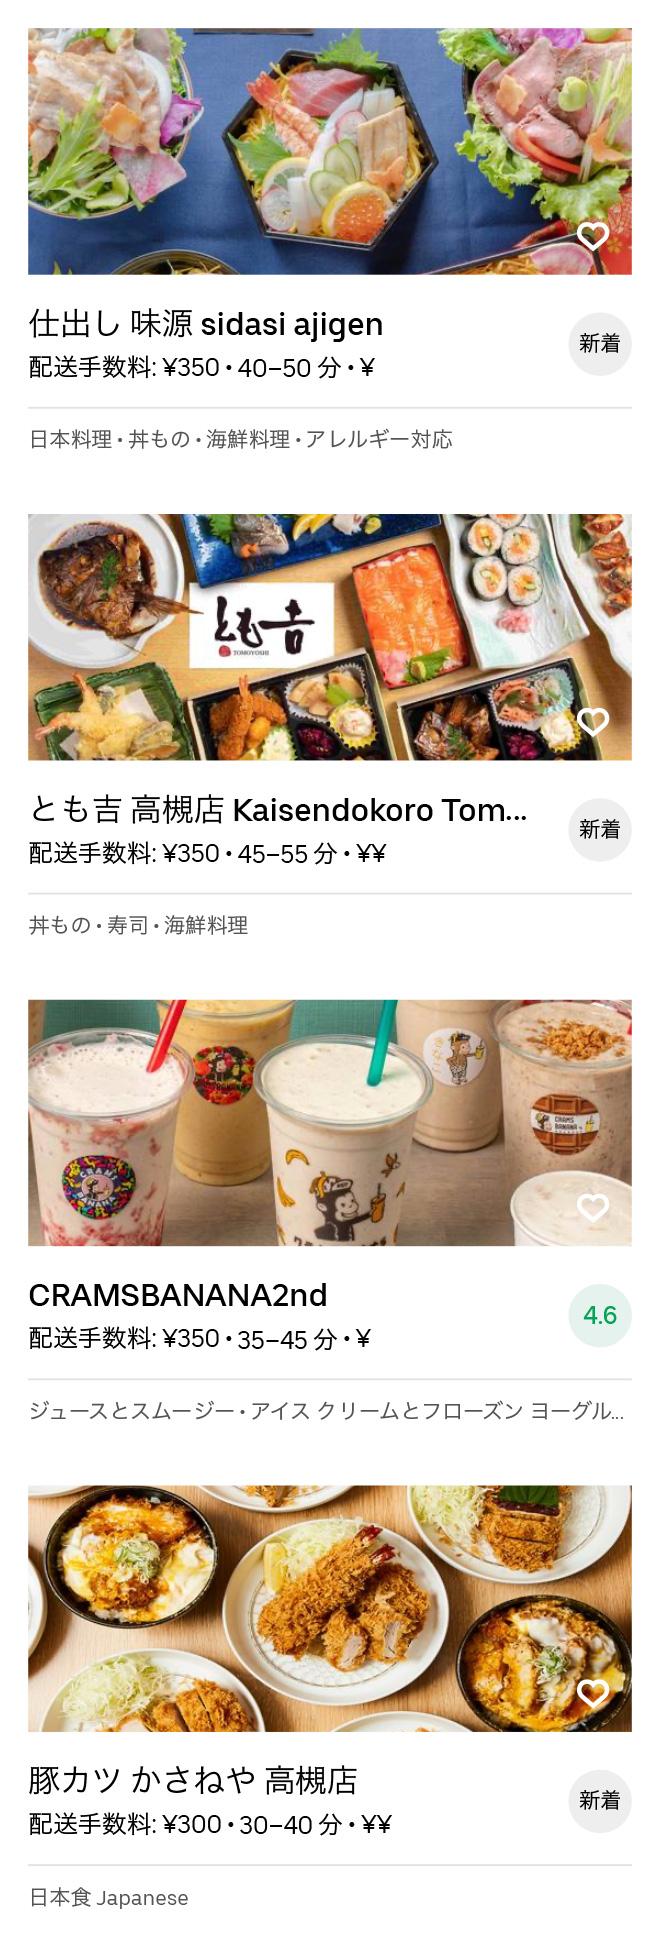 Settutonda menu 2008 07